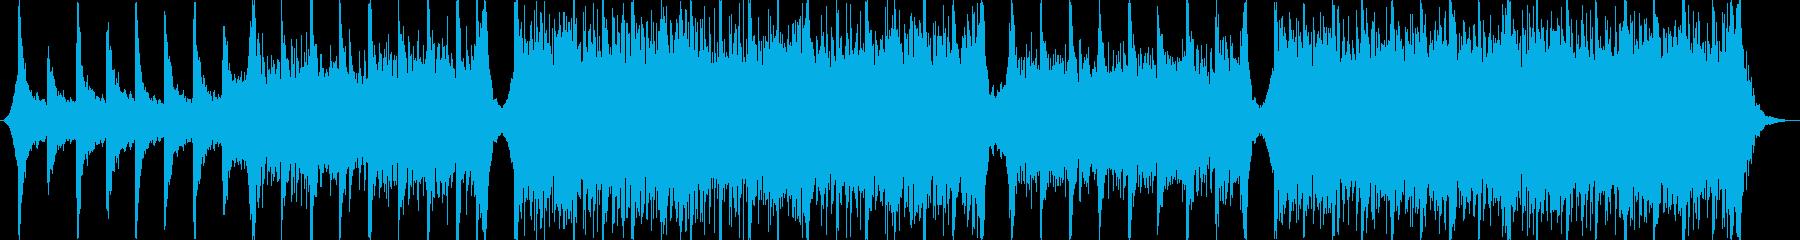 エピック系オーケストラトレイラーの再生済みの波形